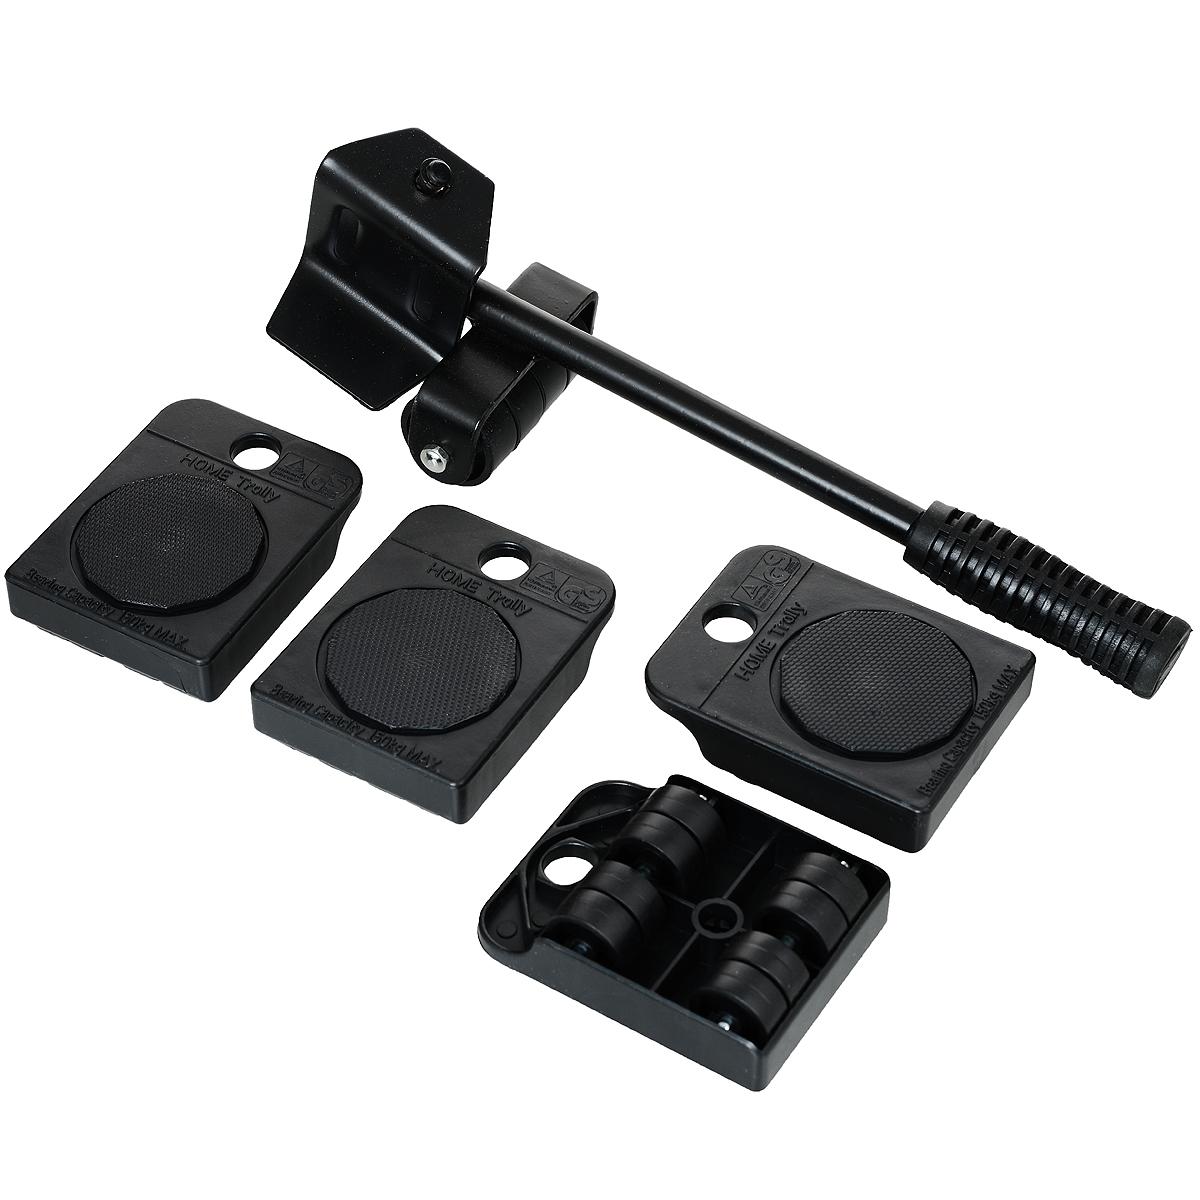 Набор для перемещения мебели Bradex Транспортер, цвет: черный, 5 предметовTD 0089Набор для перемещения мебели Bradex Транспортер, изготовленный из металла и ПВХ, предназначен для самостоятельной перестановки мебели. Вам понадобится лишь приподнять мебель с помощью рычага и подложить под каждый угол транспортную платформу с вращающимися колесиками. После установки мебели на платформы ее можно передвигать в любом направлении.Благодаря Транспортеру, вы защитите мебель, пол и стены от повреждений, сэкономите время и сбережете здоровье. Мебельный транспортер подходит для линолеума, ковролина, паркета, ламината. Уникальная конструкция подъемного рычага и платформ из прочной закаленной стали позволяет поднимать даже тяжелую мебель со всем содержимым.В комплект входит: - 4 транспортировочные платформы каждая на 8 колесиках из сверхпрочного полиамида с вращающейся площадкой. Максимальная нагрузка на каждую платформу 100 кг. - Подъемный рычаг из качественной стали с прорезиненной ручкой. - Инструкция.